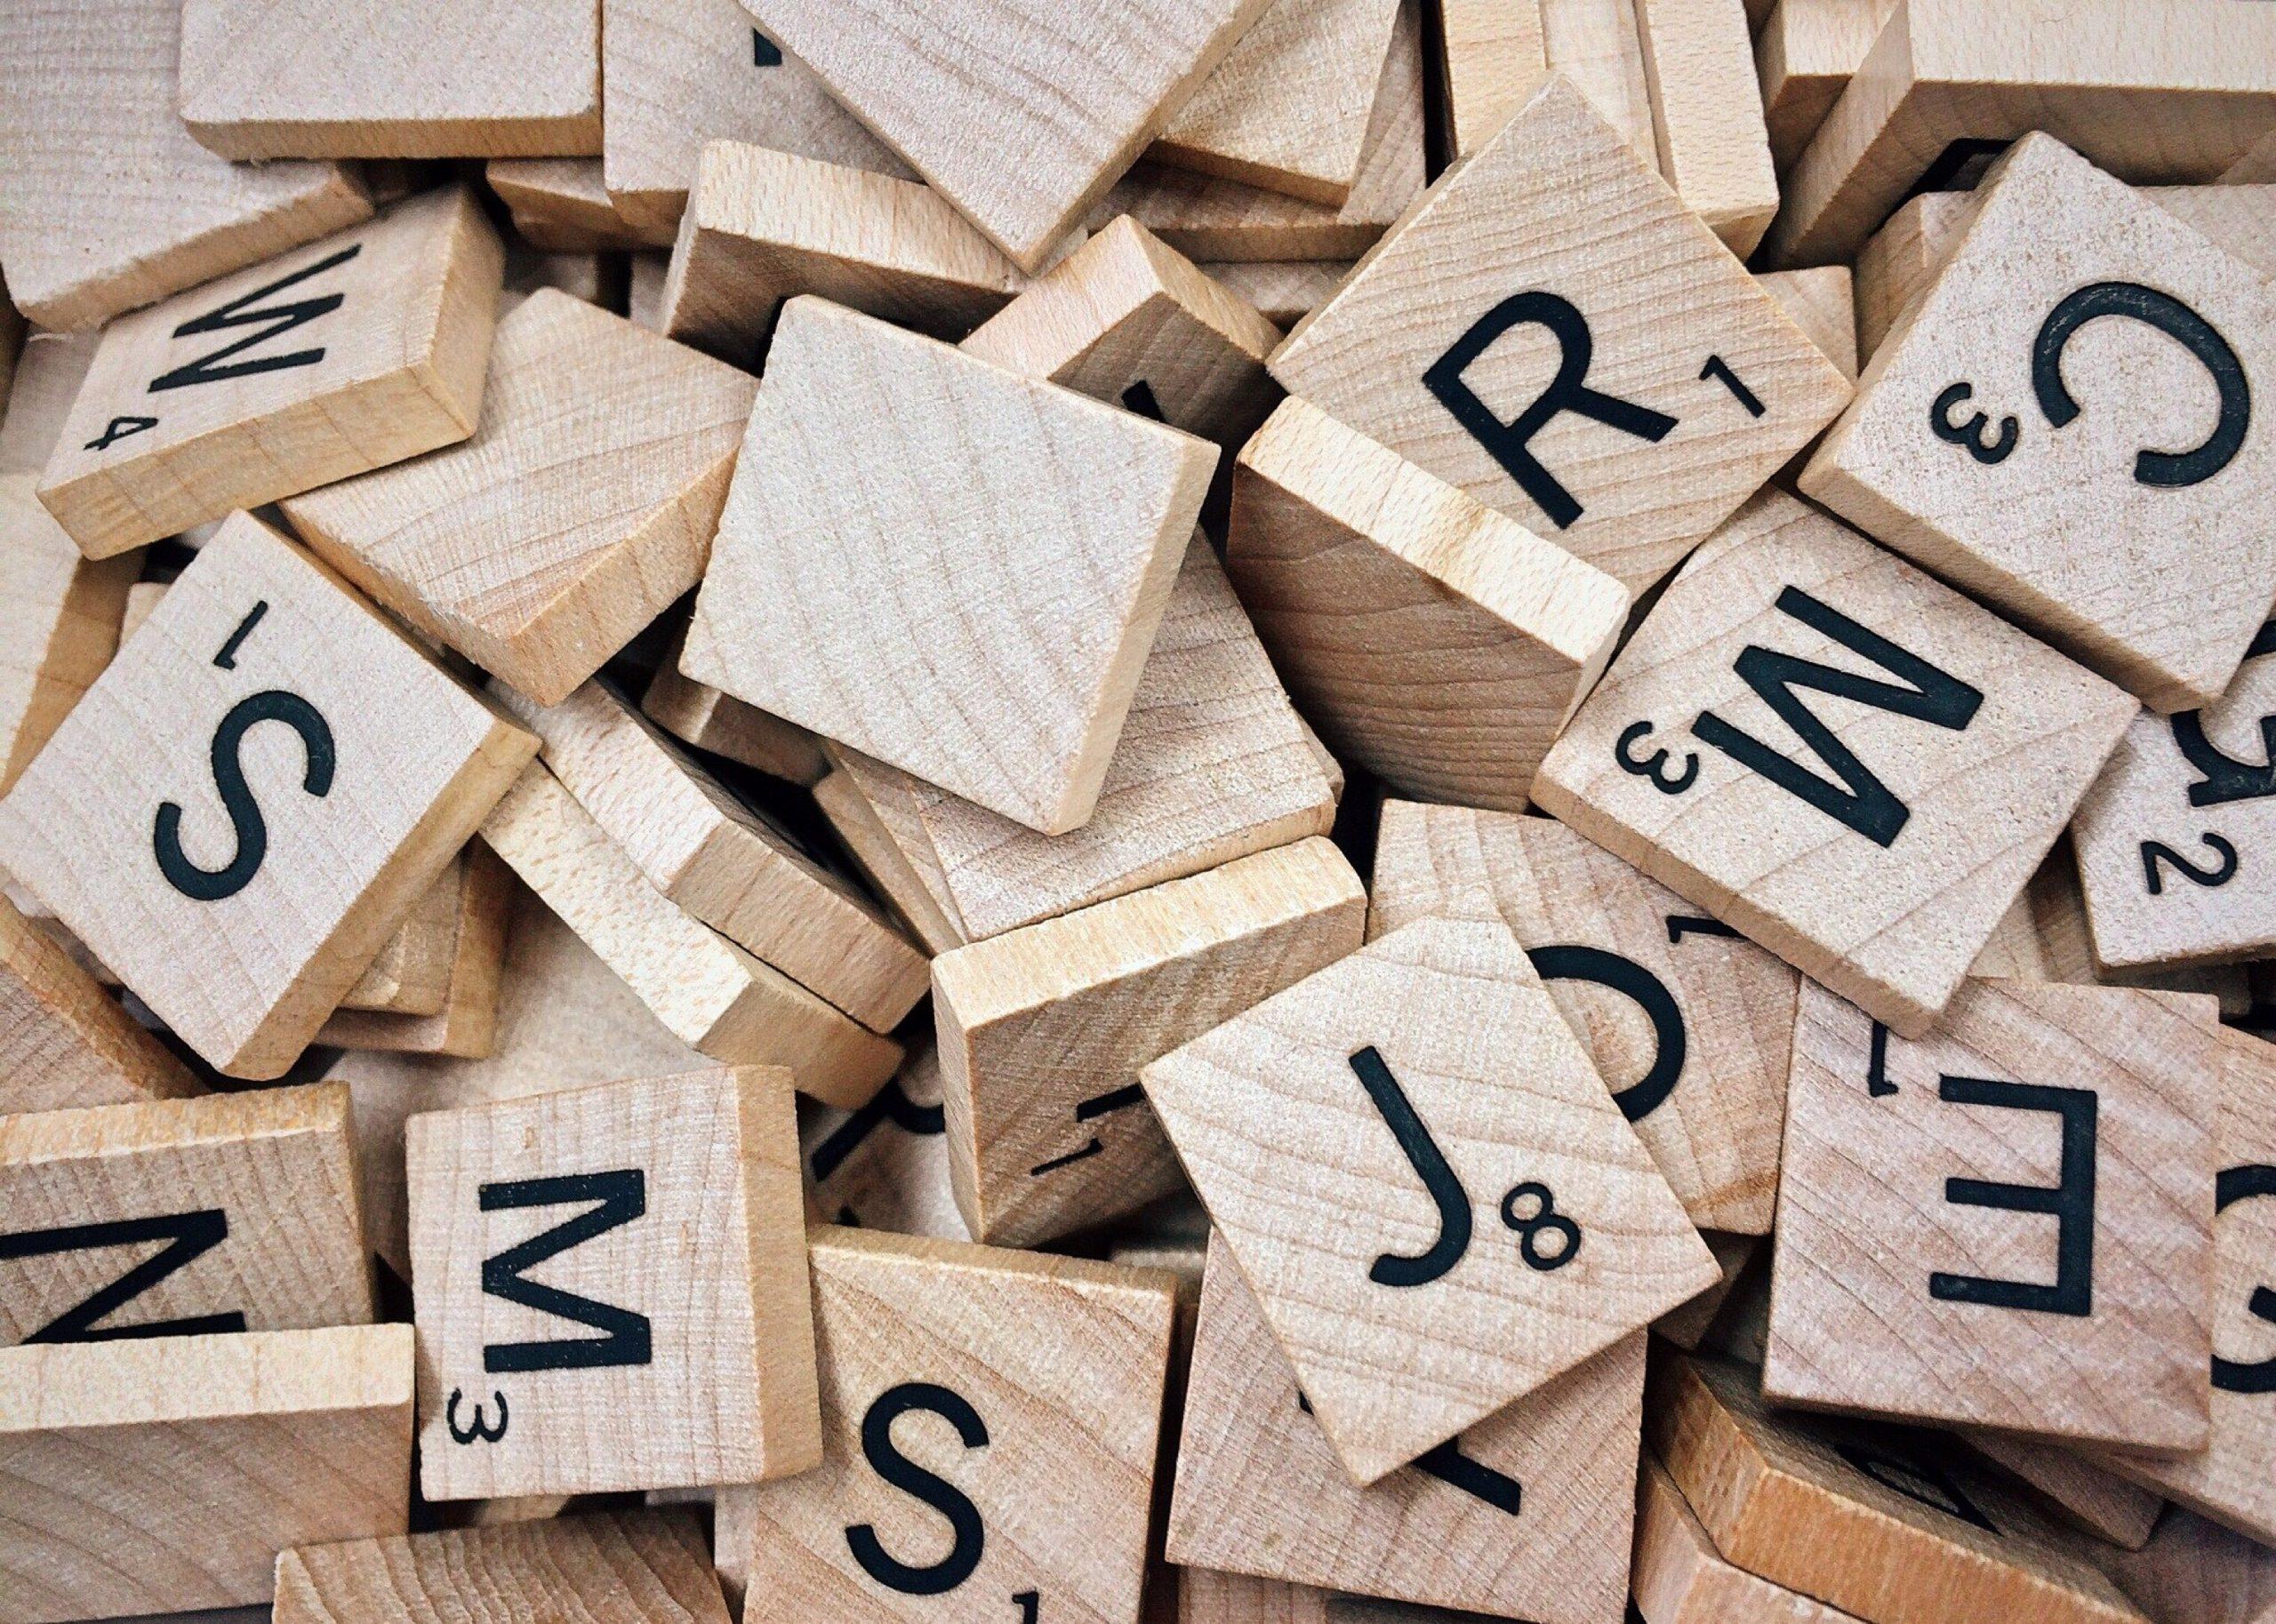 winnen met scrabble - Scrabble